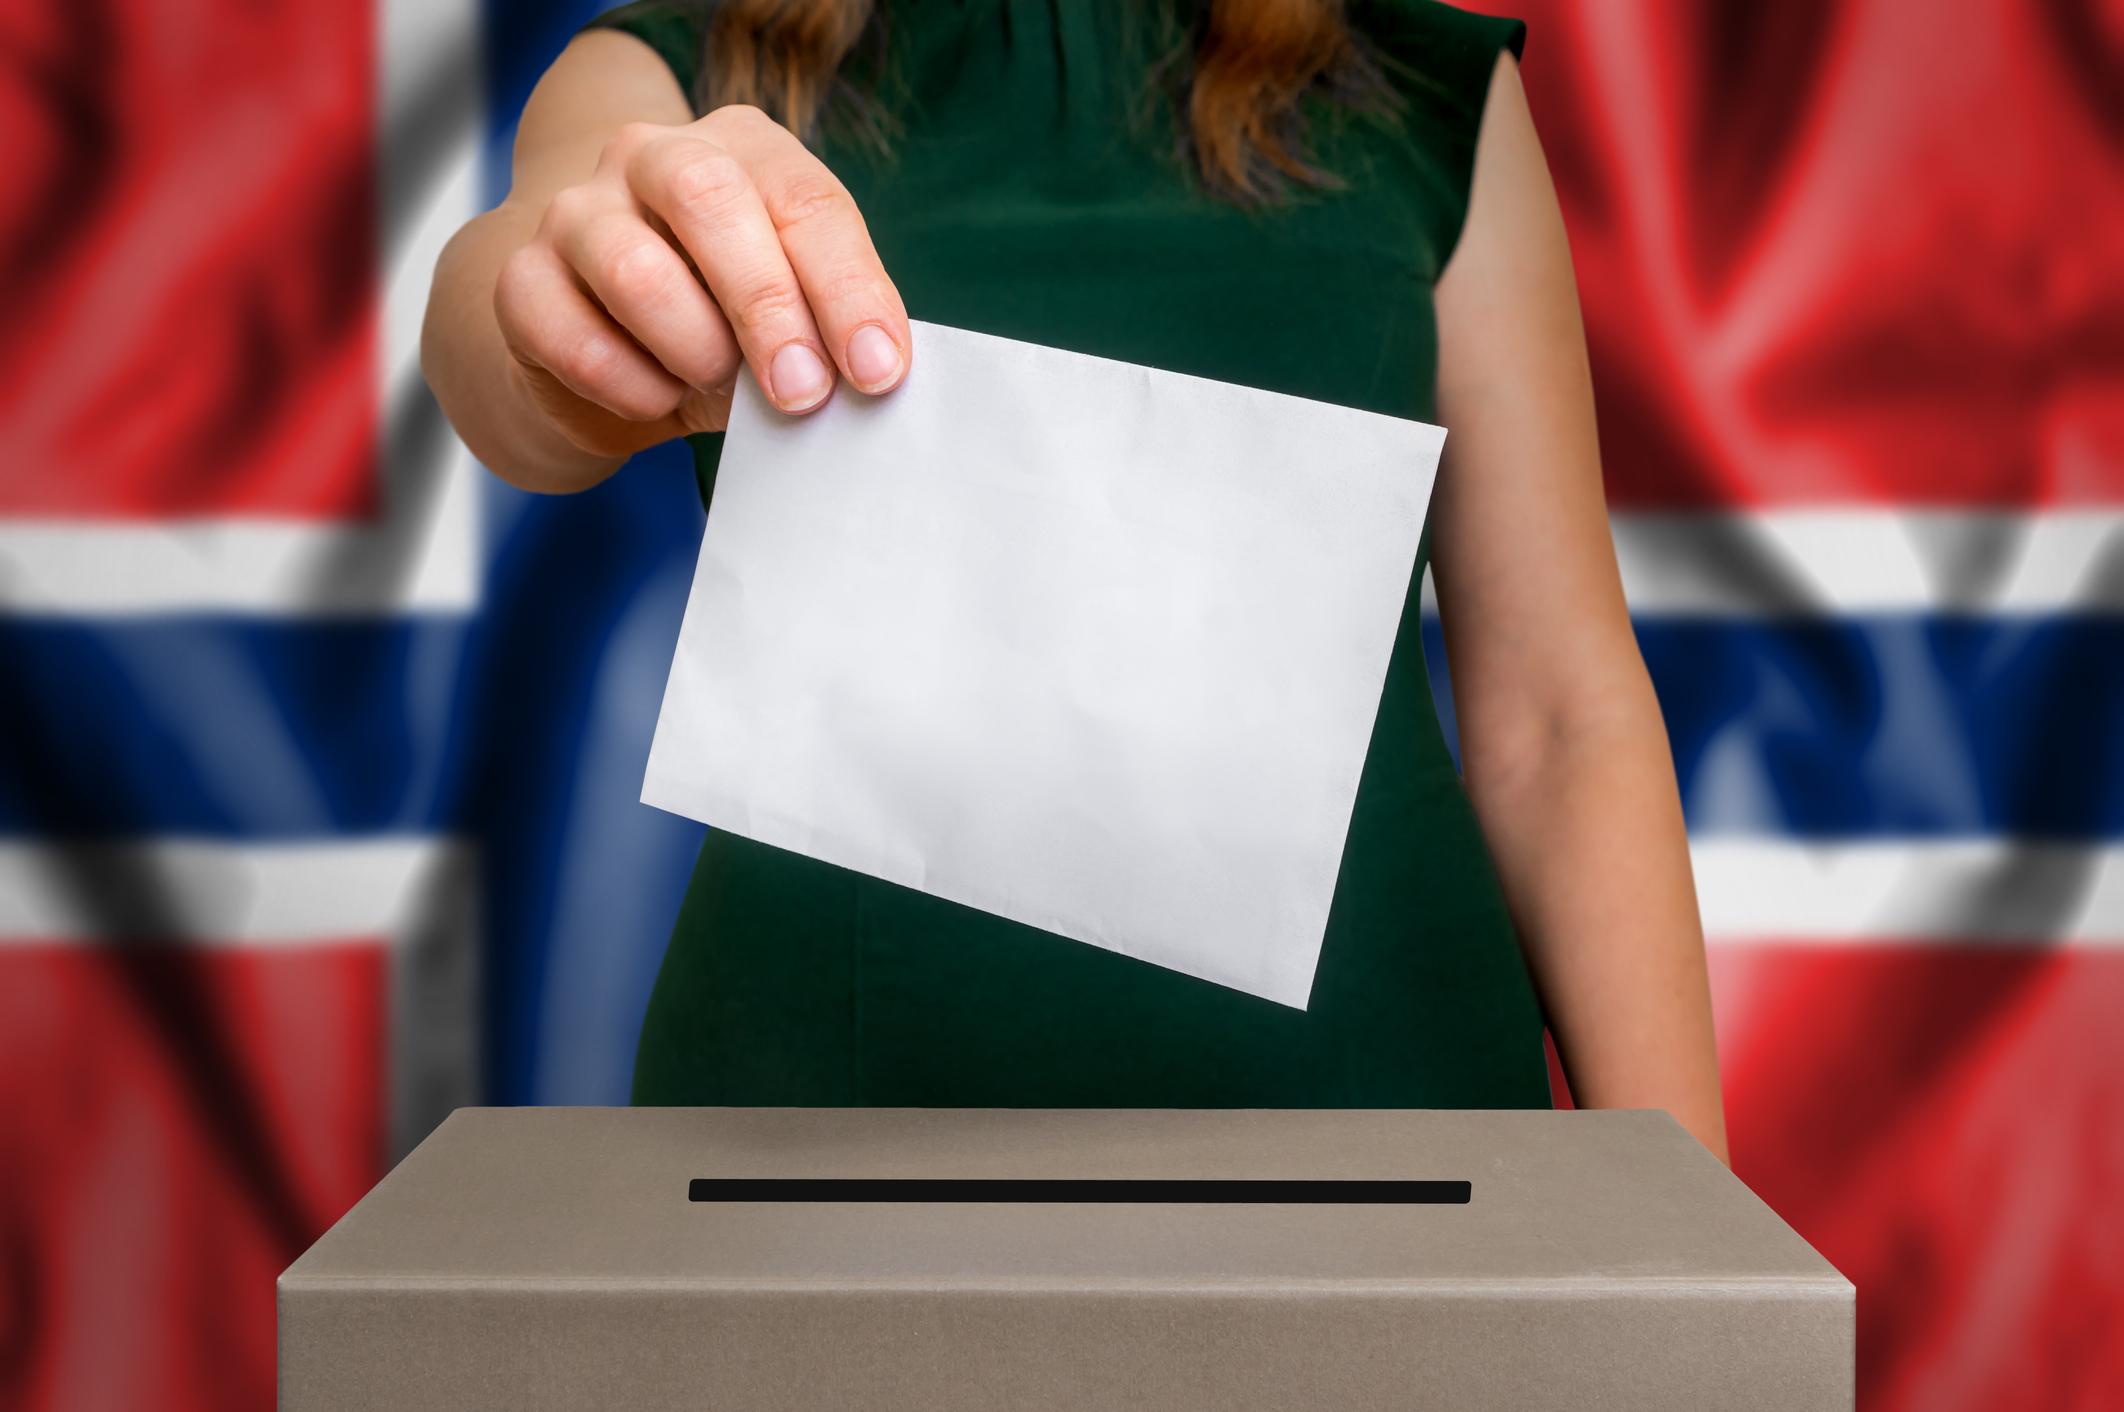 Kvinne som legger valgseddelen inn i valgurnen. Norsk flagg i bakgrunnen.